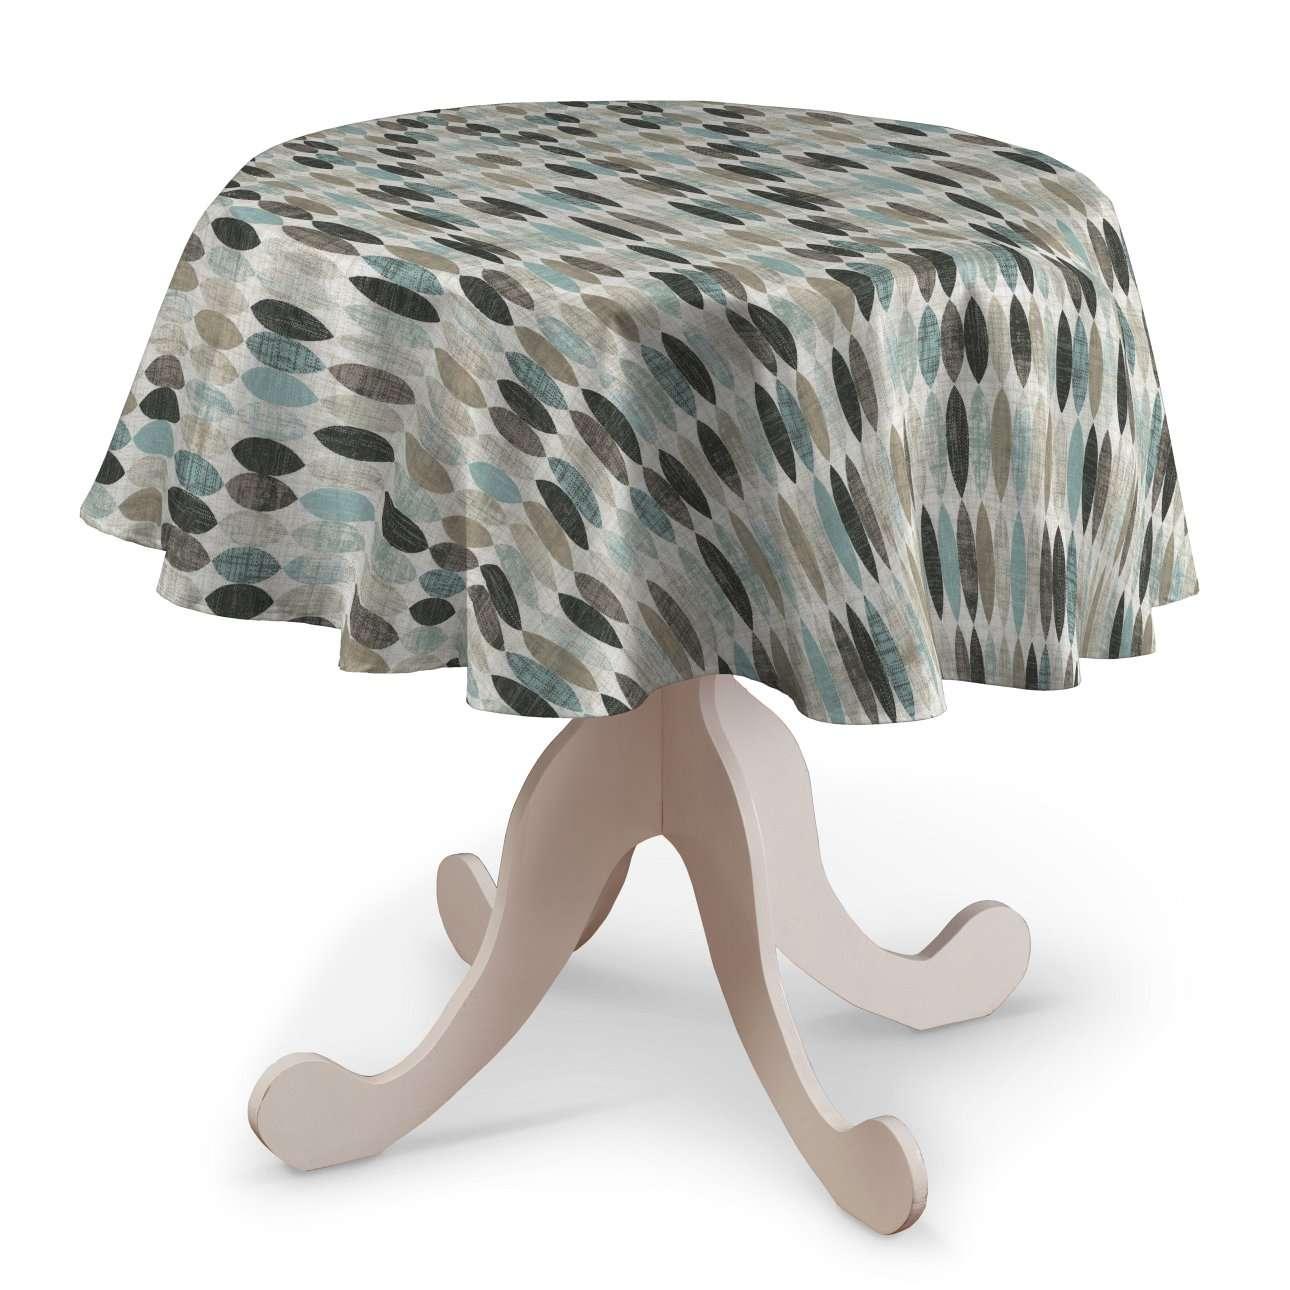 Runde Tischdecke, blau-beige, Ø 135 cm, Modern | Heimtextilien > Tischdecken und Co > Tischdecken | Dekoria